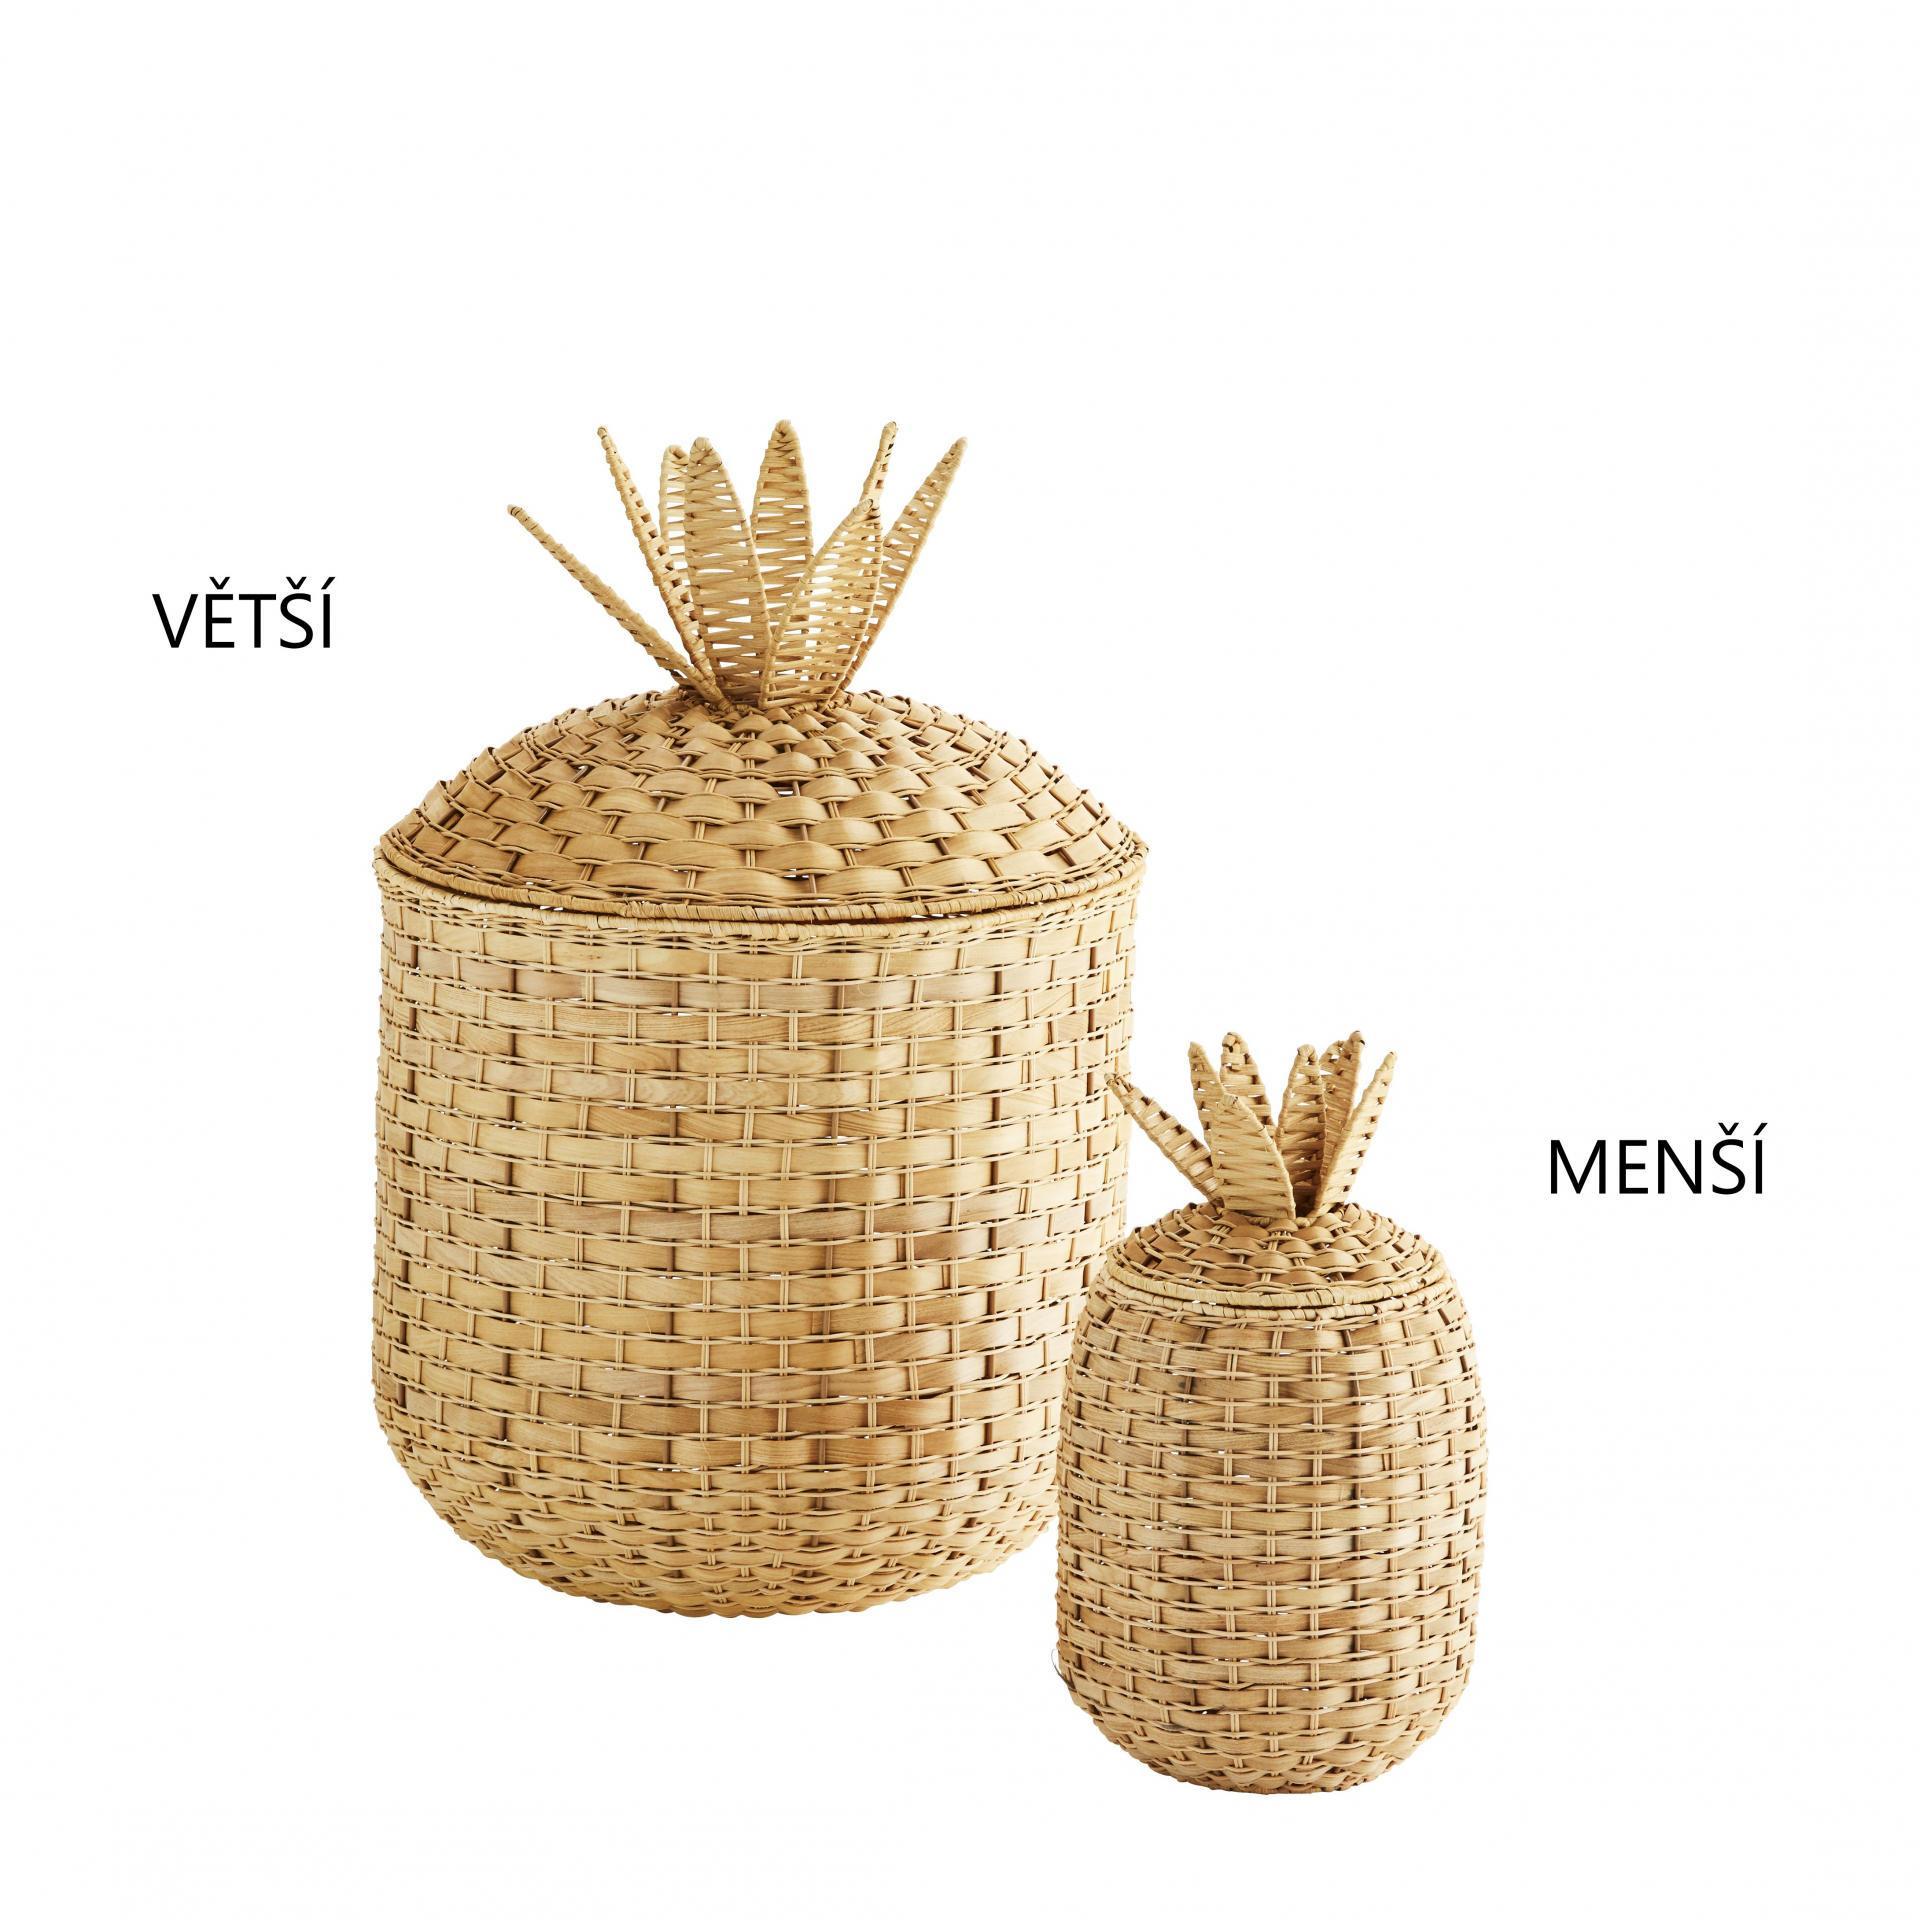 MADAM STOLTZ Ratanový koš Pineapple Menší, přírodní barva, proutí